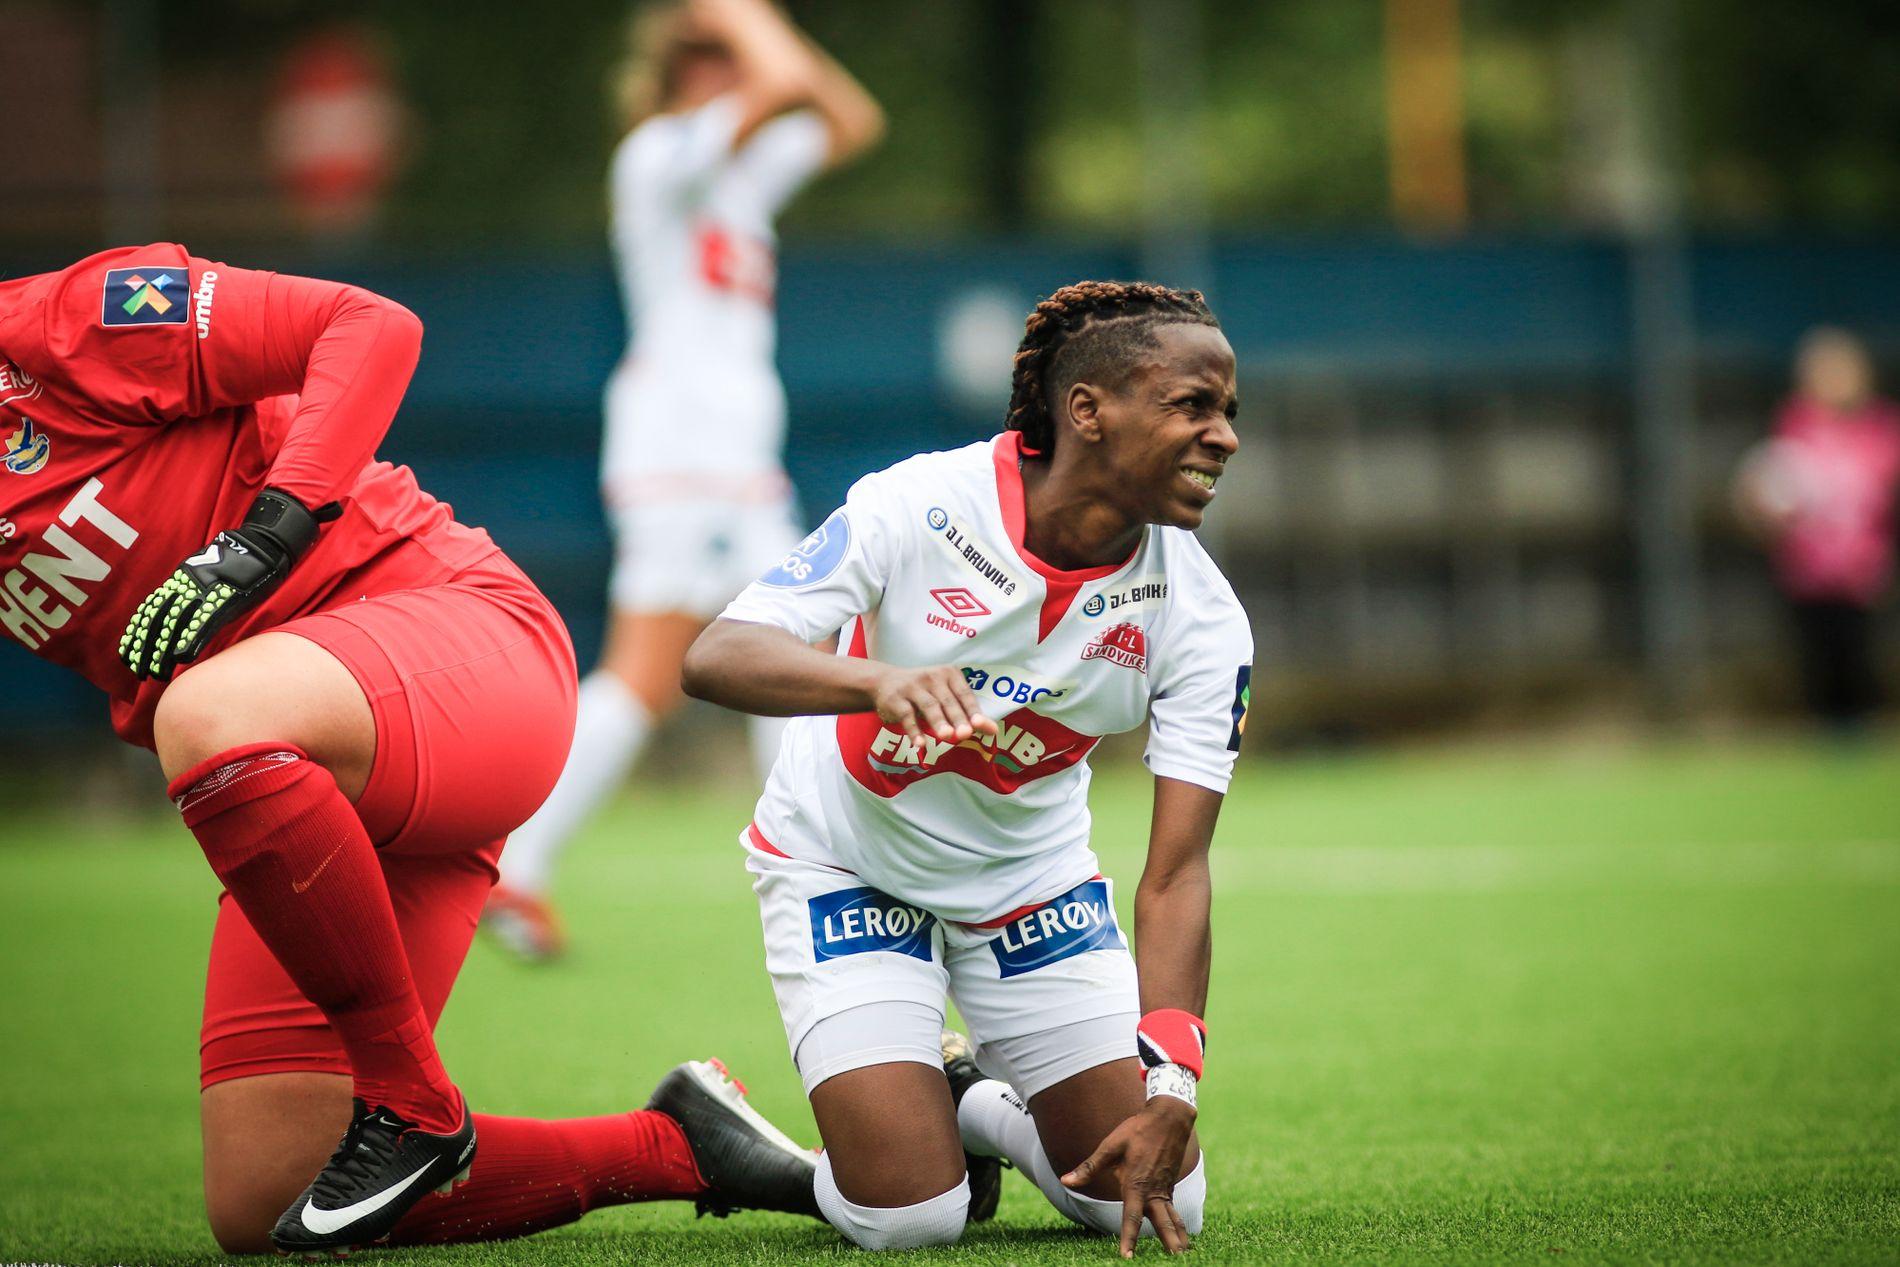 Kennya Cordner greide ikke å få ballen i mål mot Lyn lørdag. Her fra kampen mot Trondheims-Ørn tidligere i sommer.